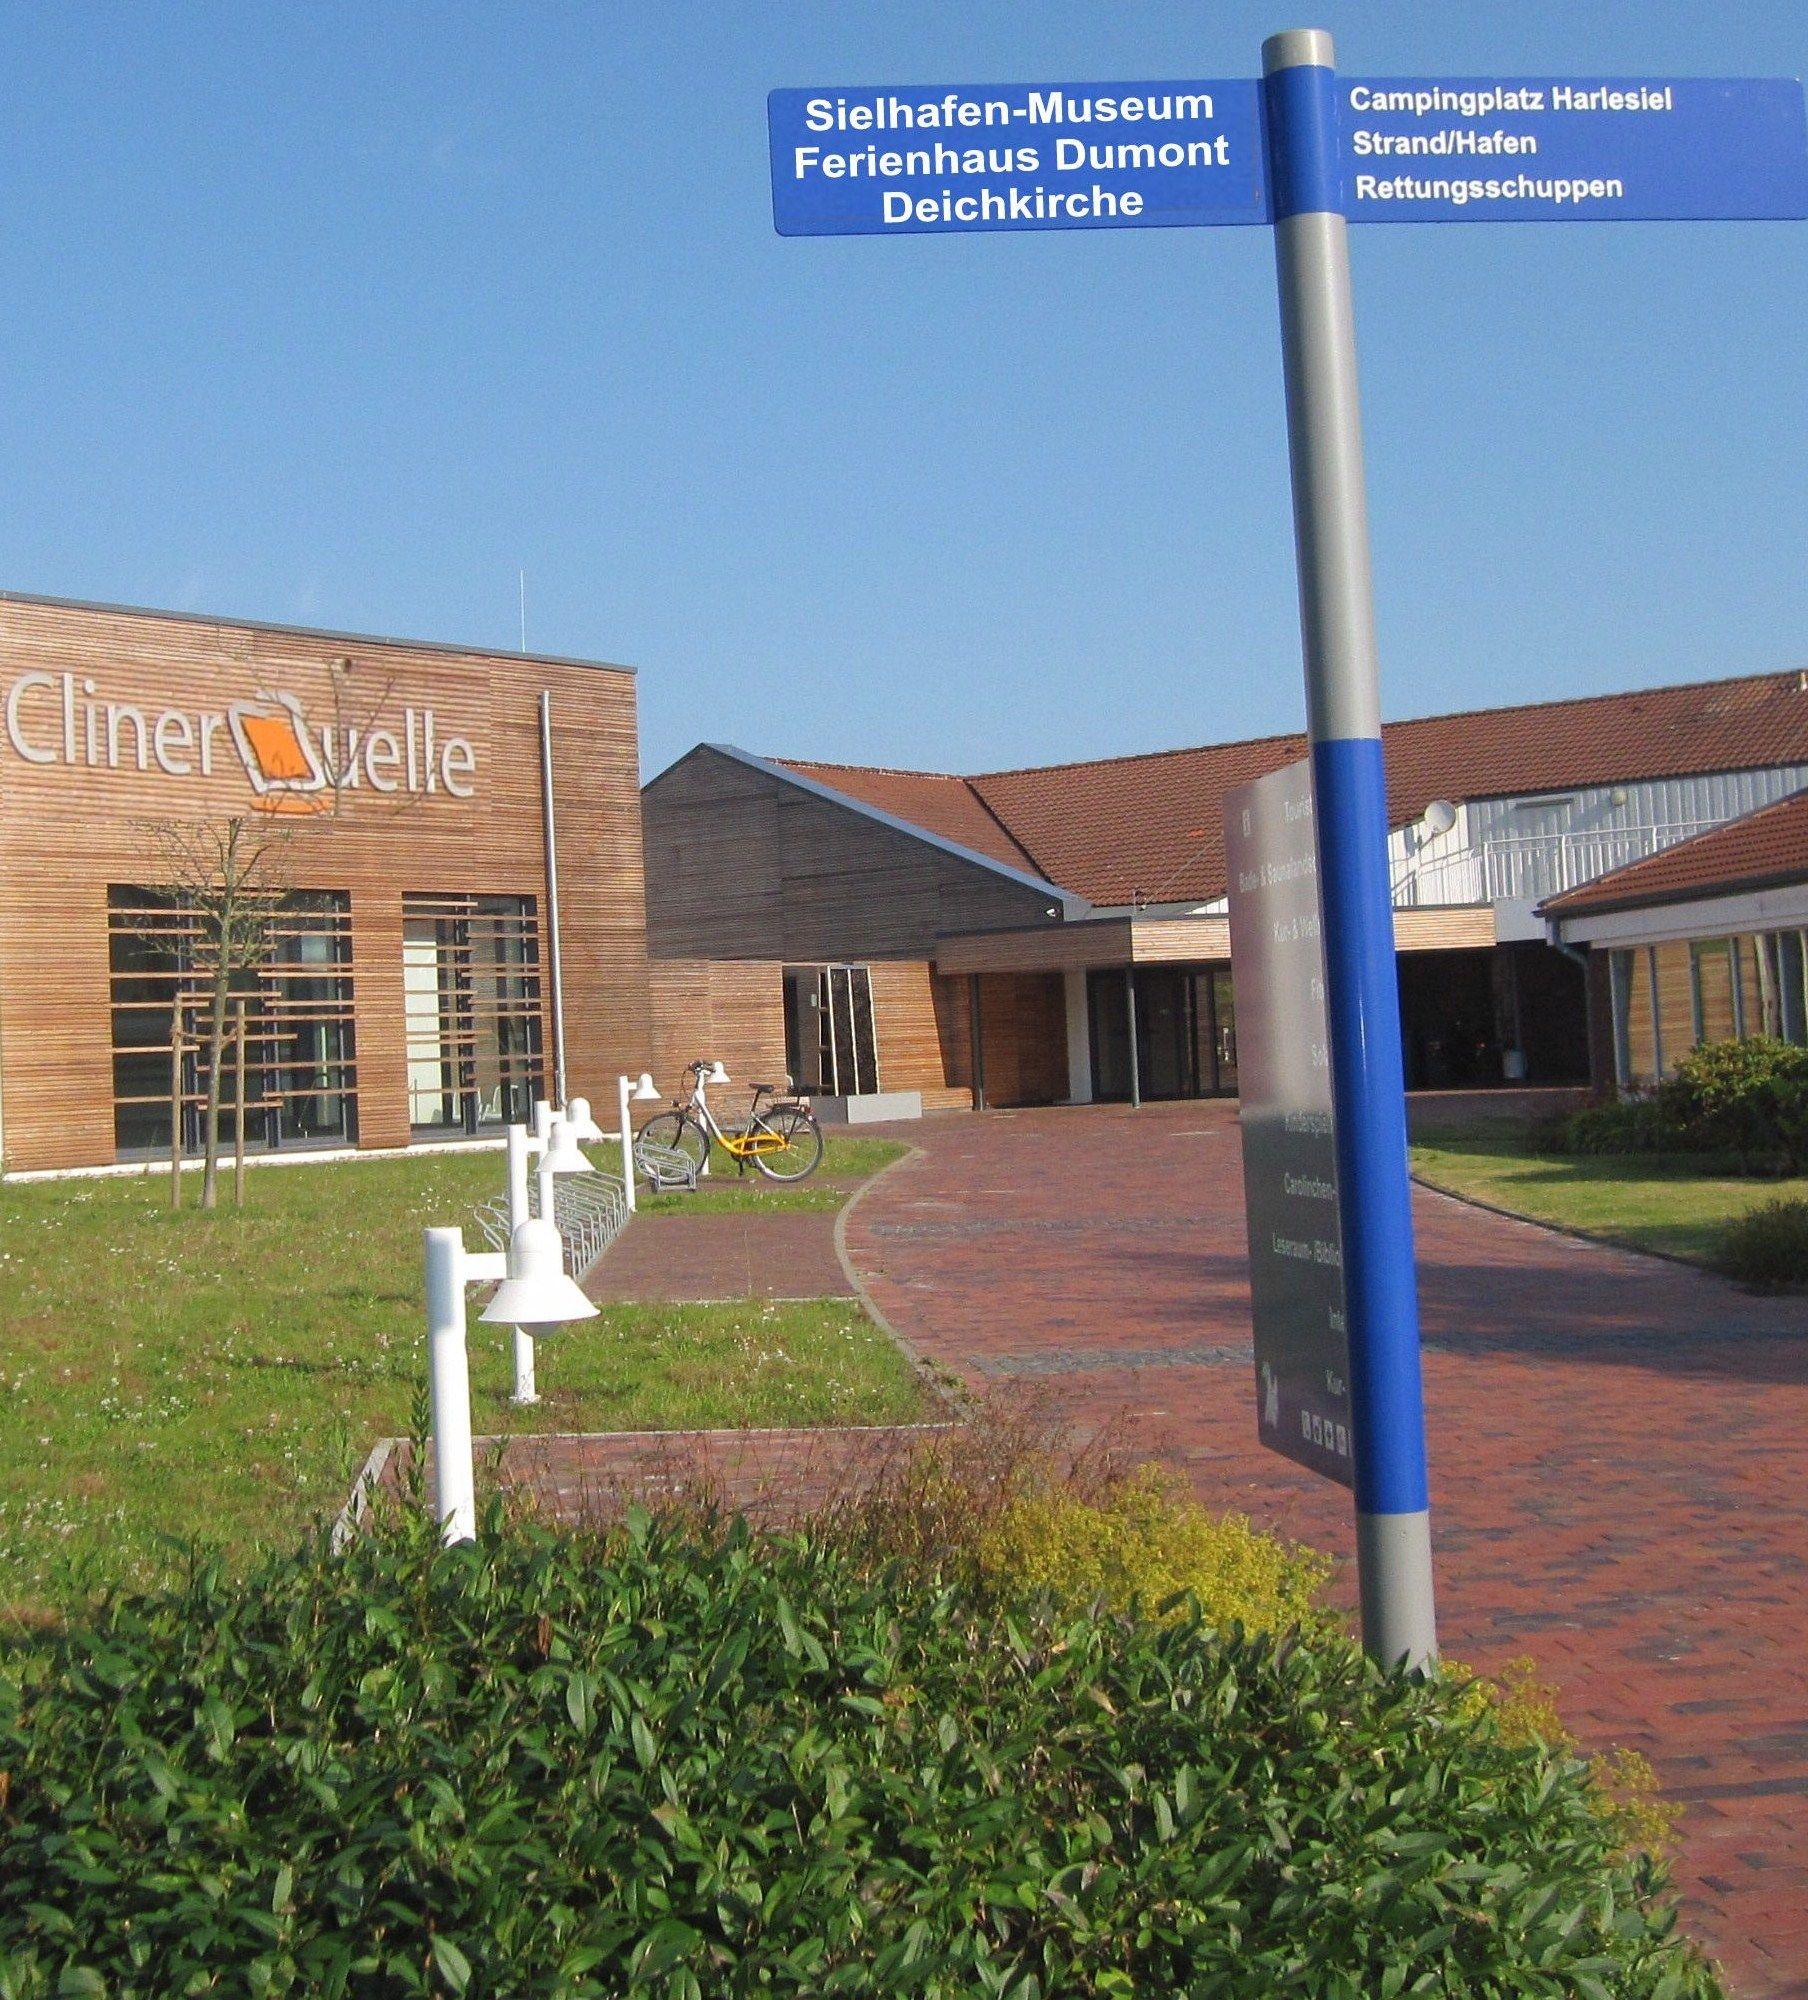 Schwimmbad Cliner Quelle in Carolinensiel | Reiseziele an ...